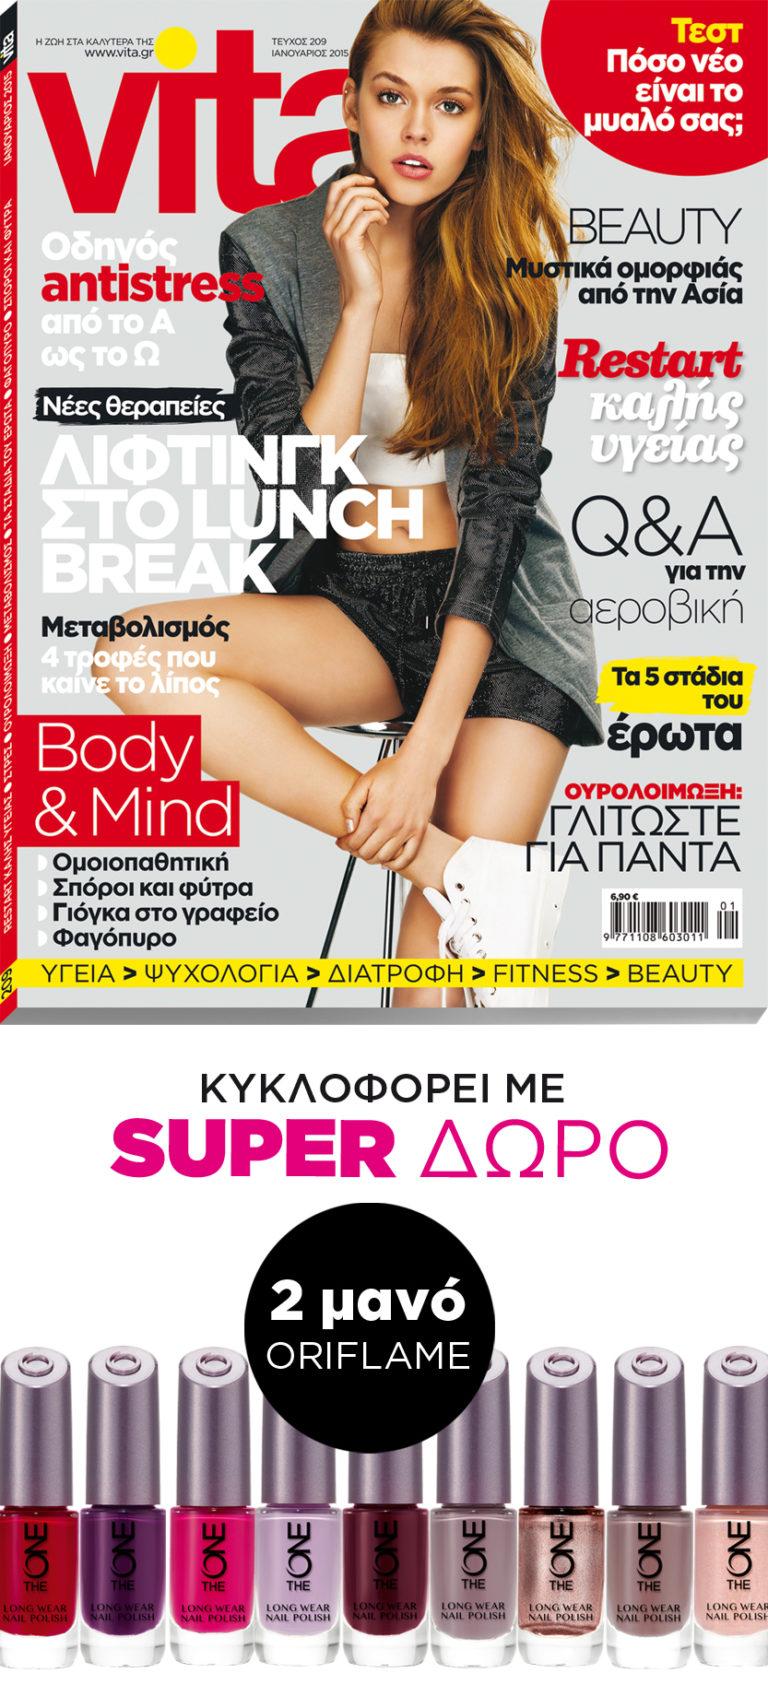 Ιανουάριος 2015 | vita.gr